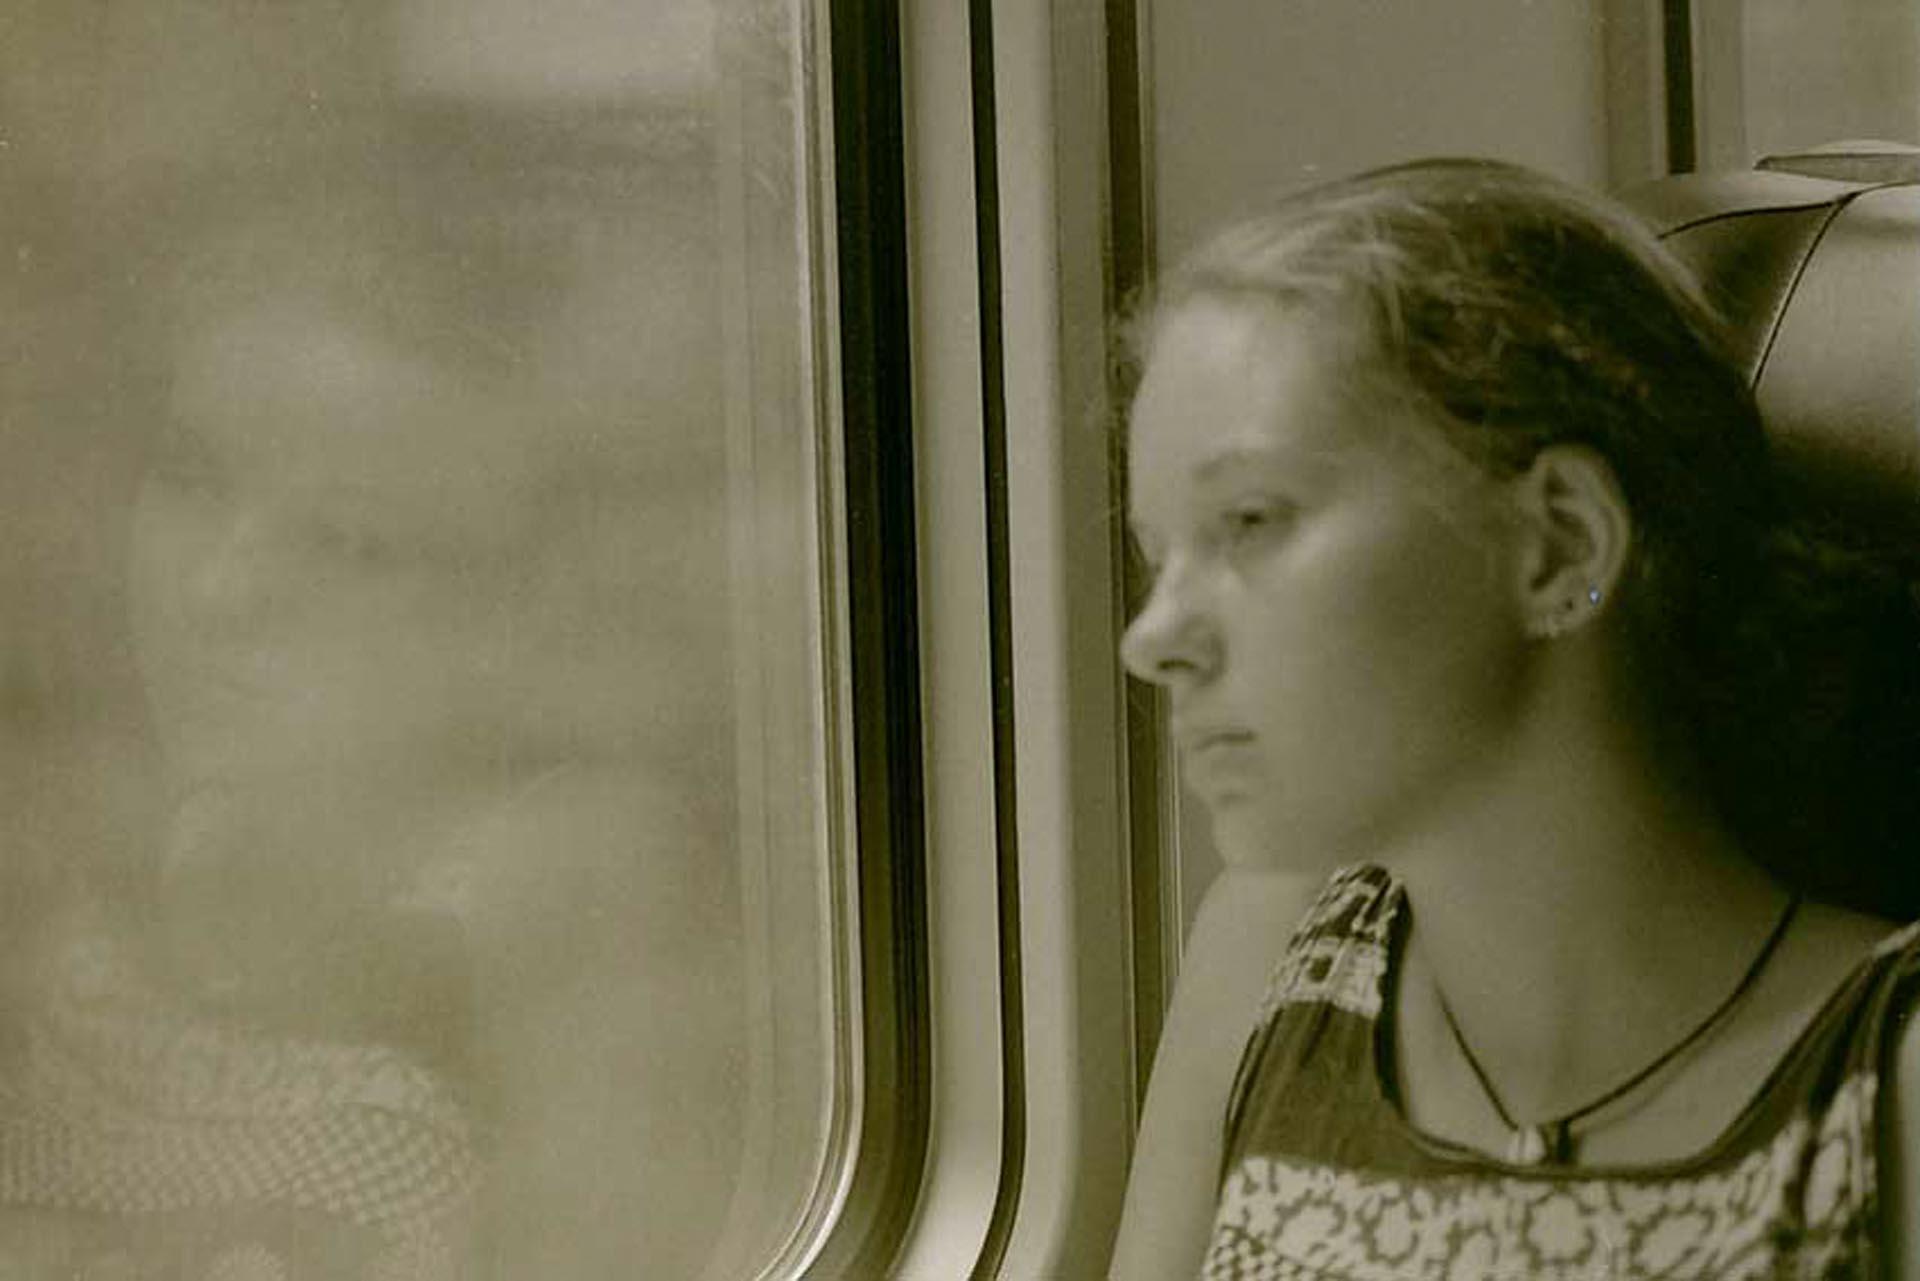 Il Viaggio-Portrait of a dutch Girl, 1995